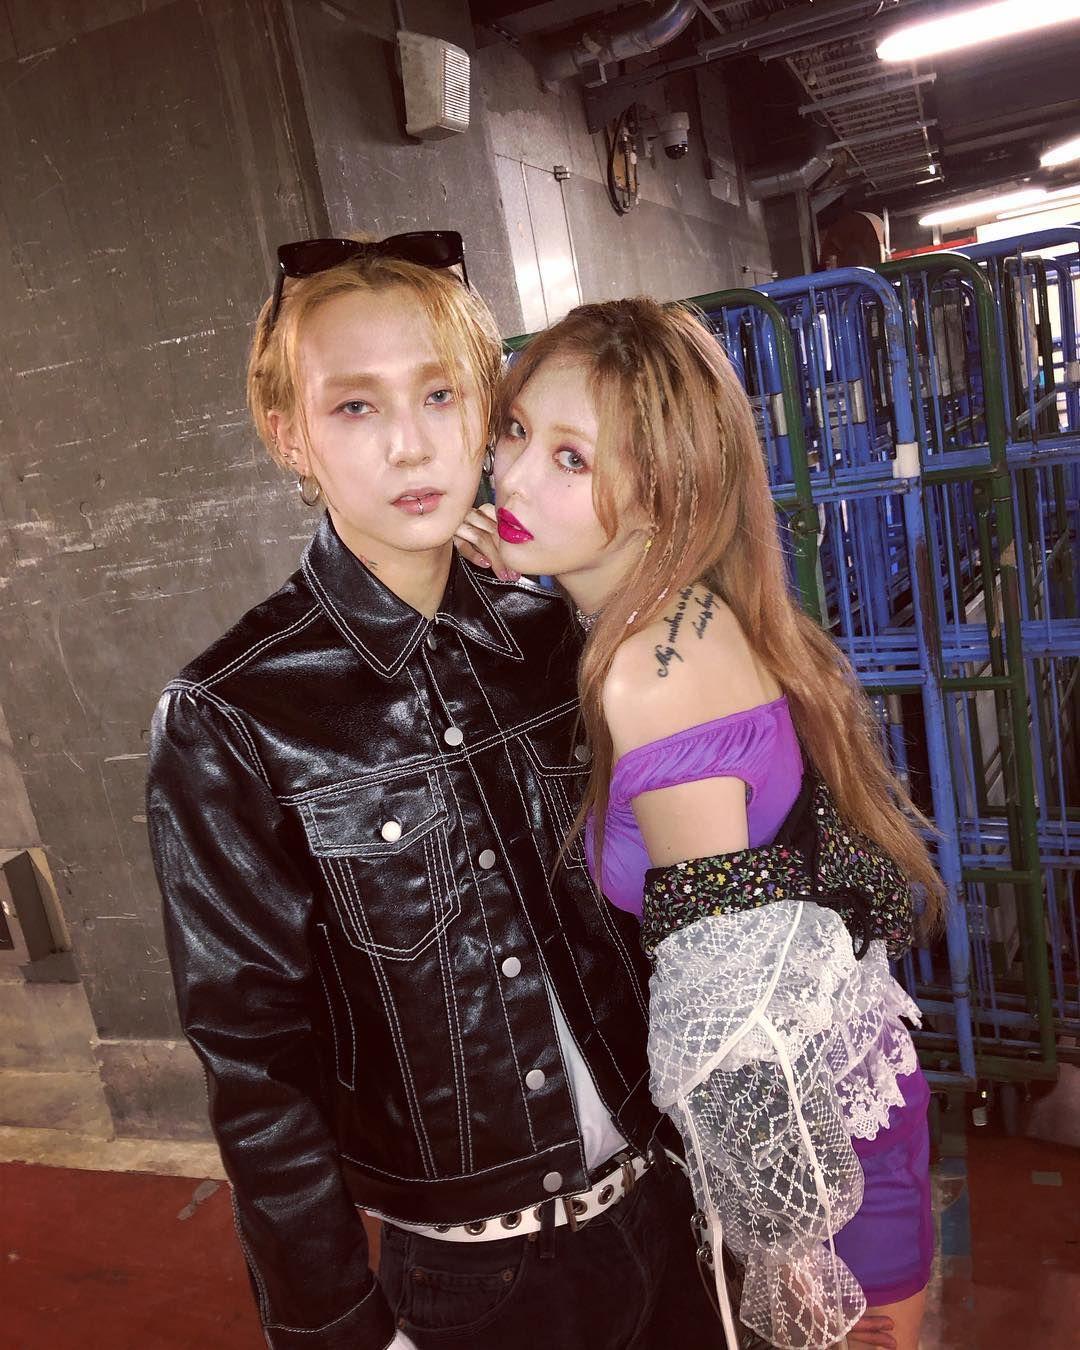 Hyuna Y E Dawn Muestran Su Belleza Eterea En Varias Fotos Hyuna Edawn Hyojong Kpop Korean Idol Kpop Couples Hyuna Kim Cute Couples